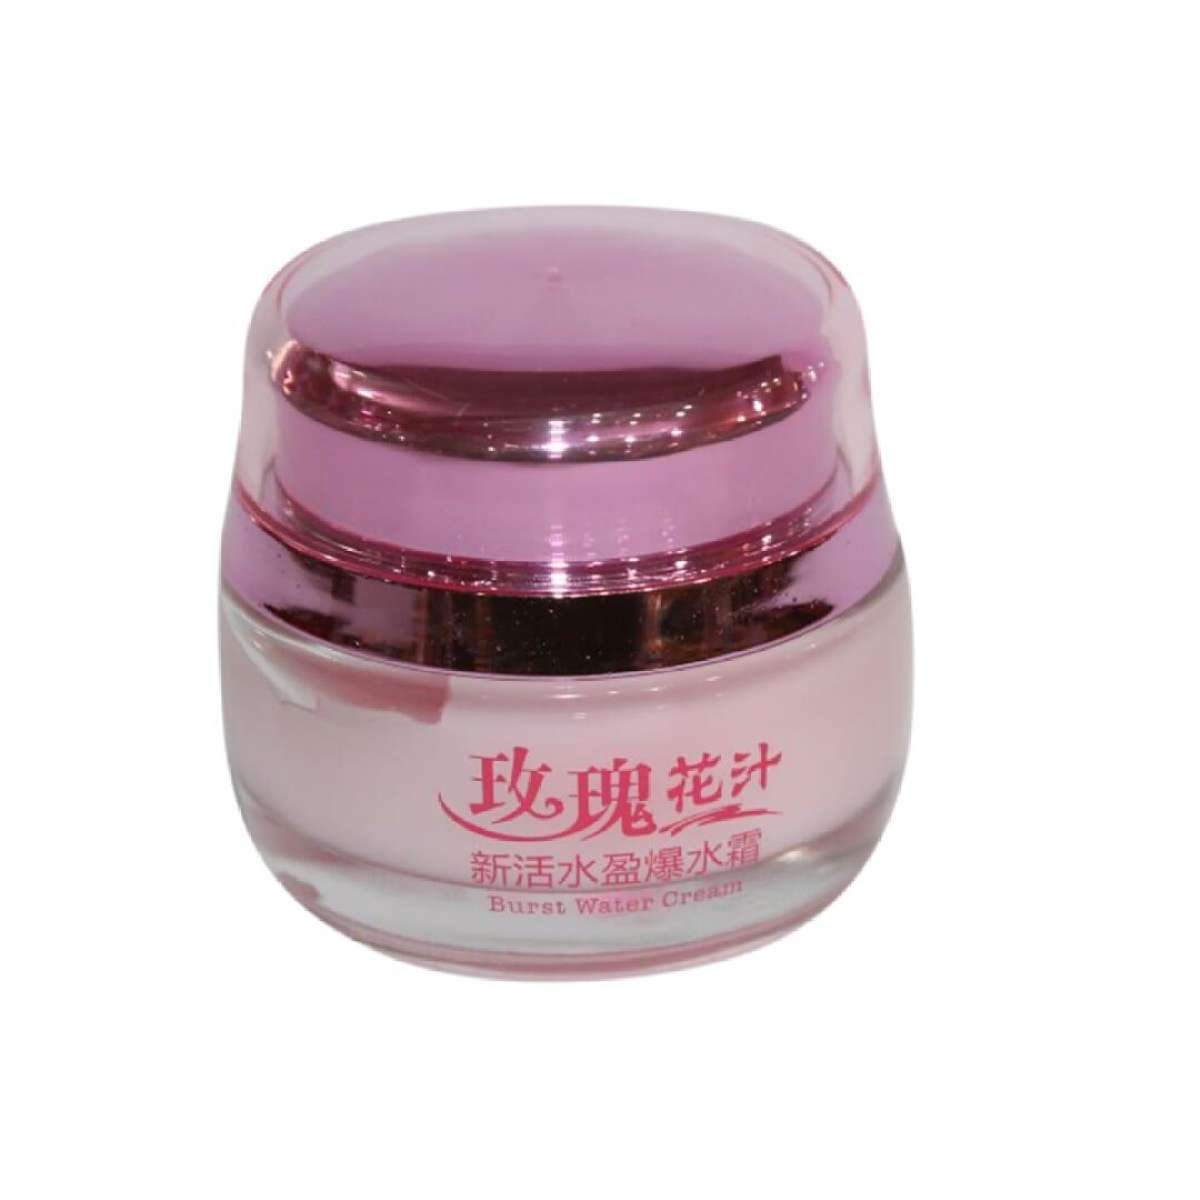 Rose Secret Burst Water Cream - 55 Gm